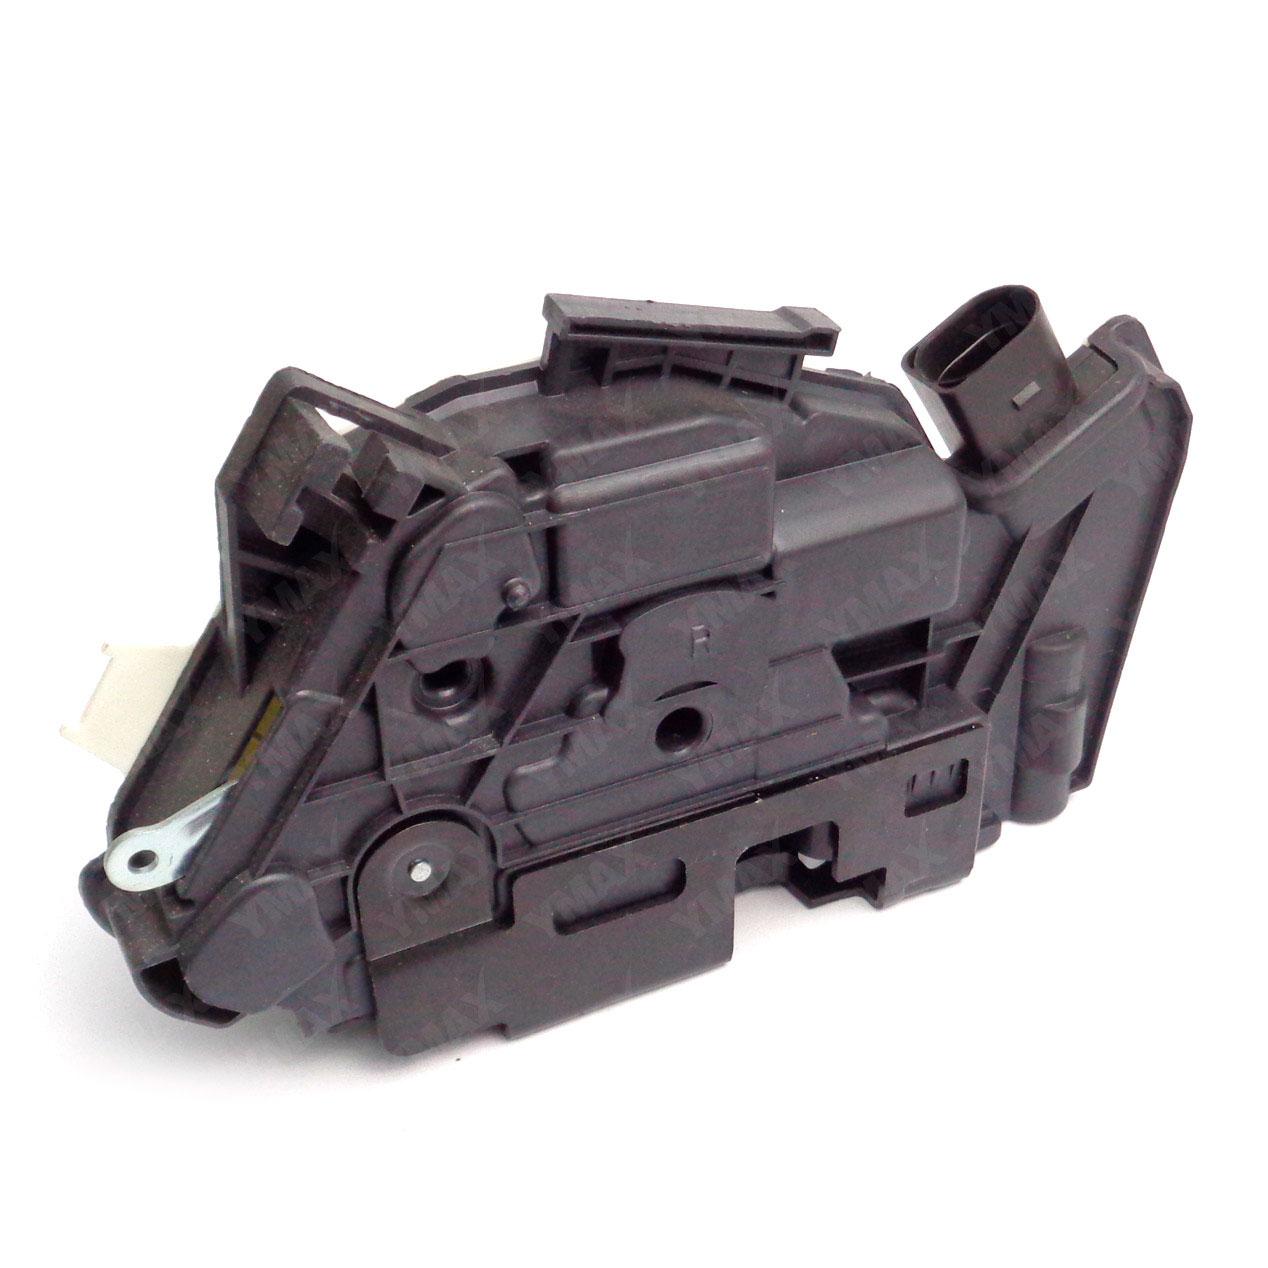 Fechadura Elétrica Amarok Tiguan - Dianteiro Lado Esquerdo (